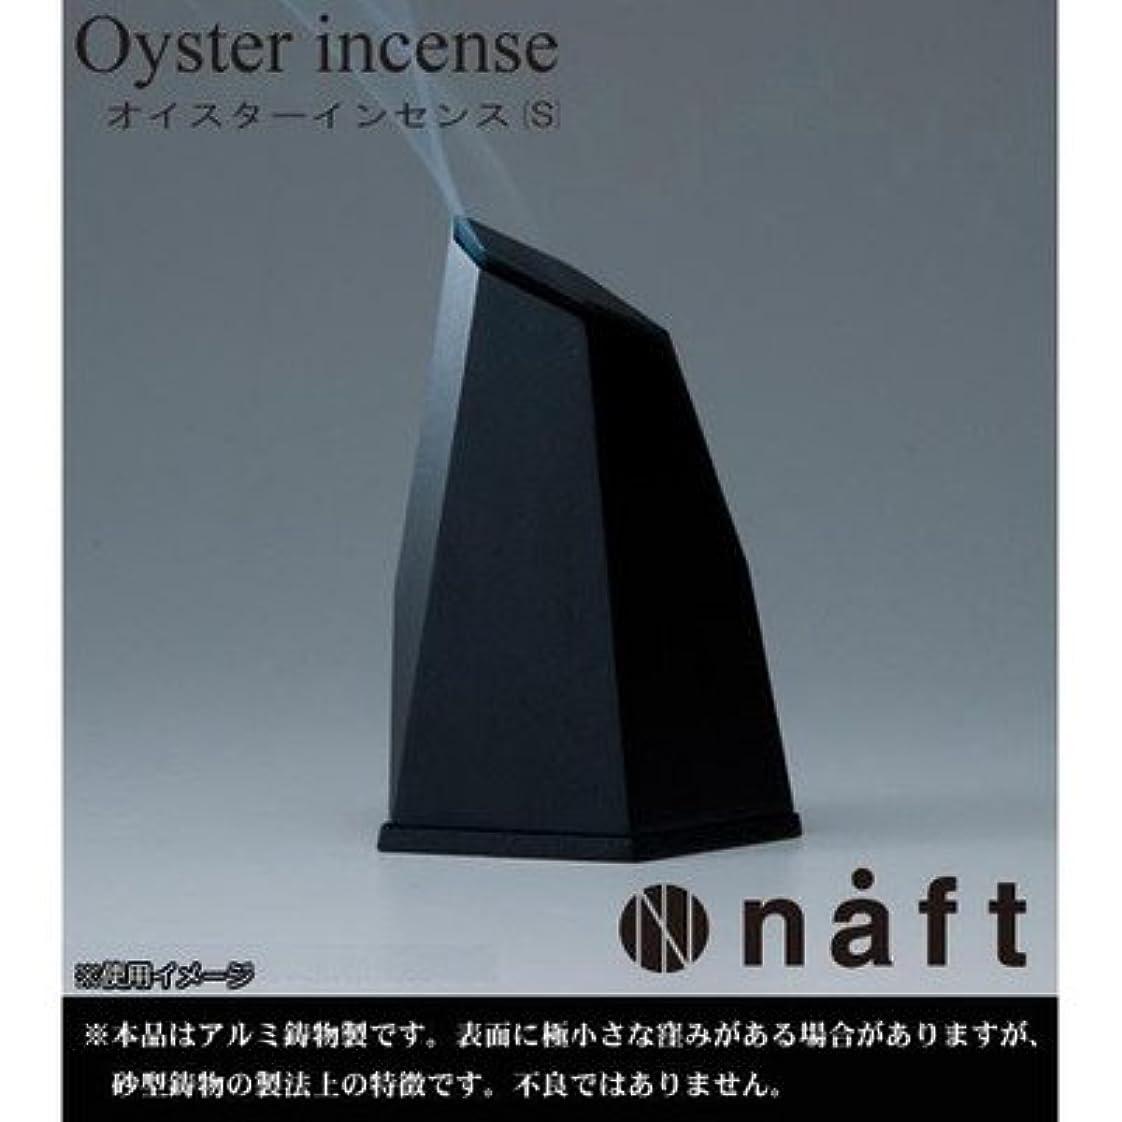 主観的辛な誤解シンプルだけどインパクトのあるフォルム naft Oyster incense オイスターインセンス 香炉 Sサイズ ブラック